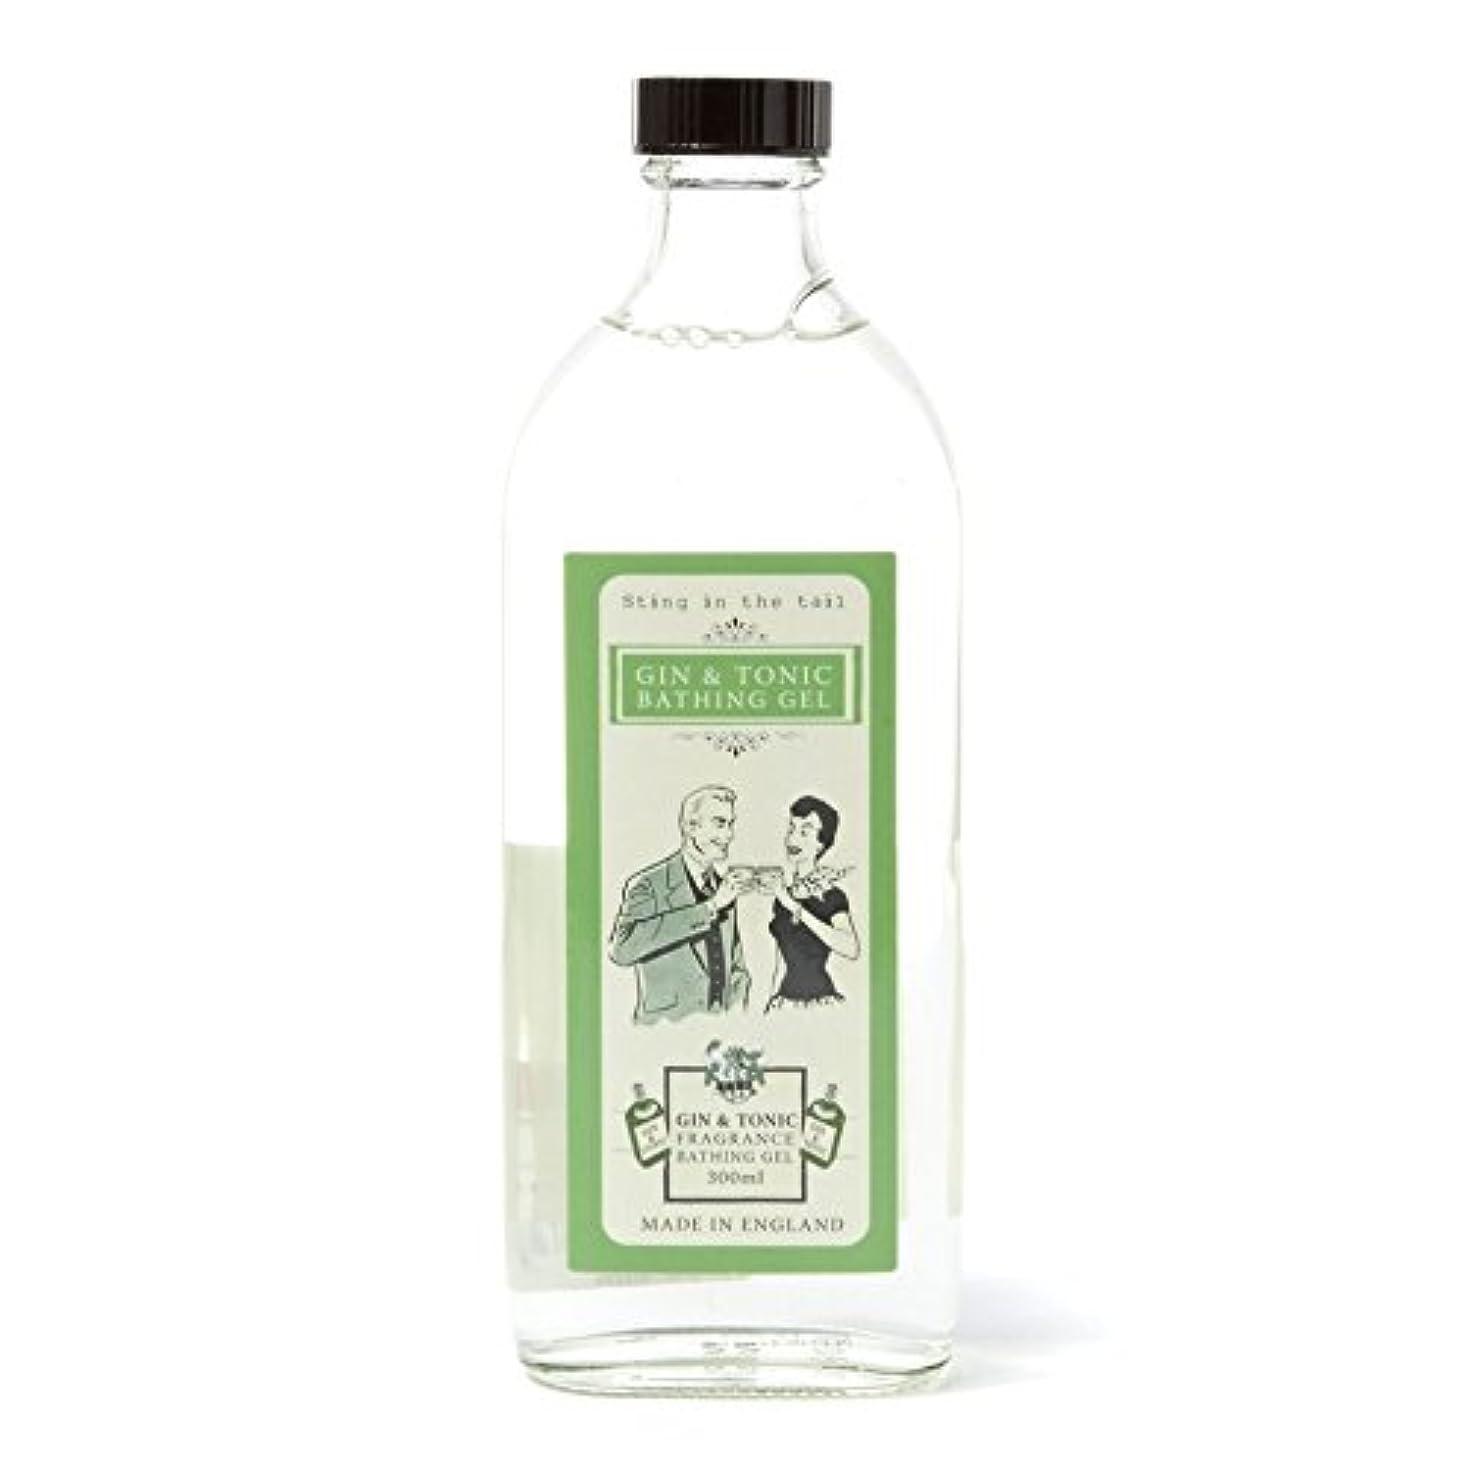 エジプト人穏やかなパドルSting In The Tail Gin and Tonic Bathing Gel 300ml - テールジントニック入浴ゲル300ミリリットルで刺します [並行輸入品]